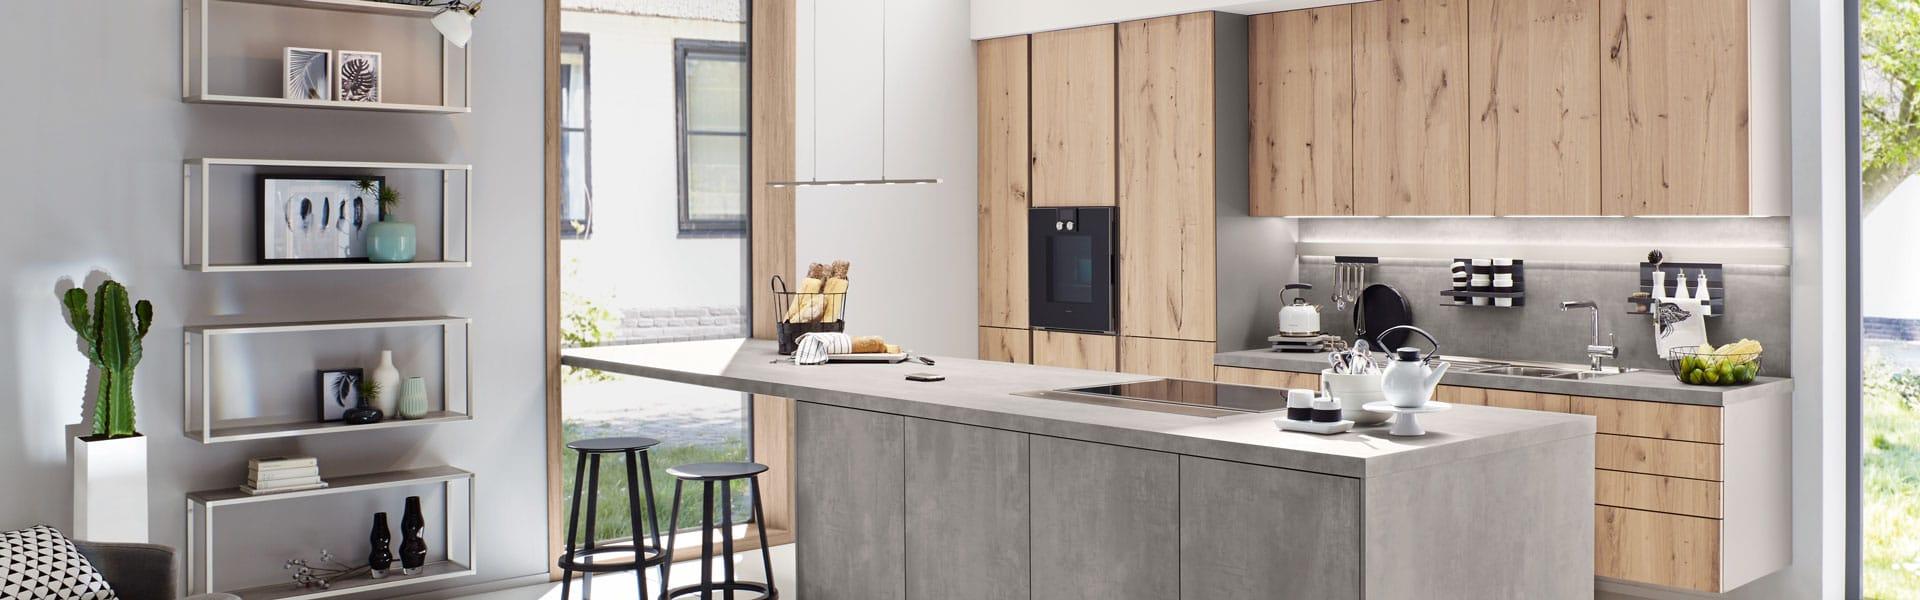 Grijze keuken kopen | Eigenhuis Keukens